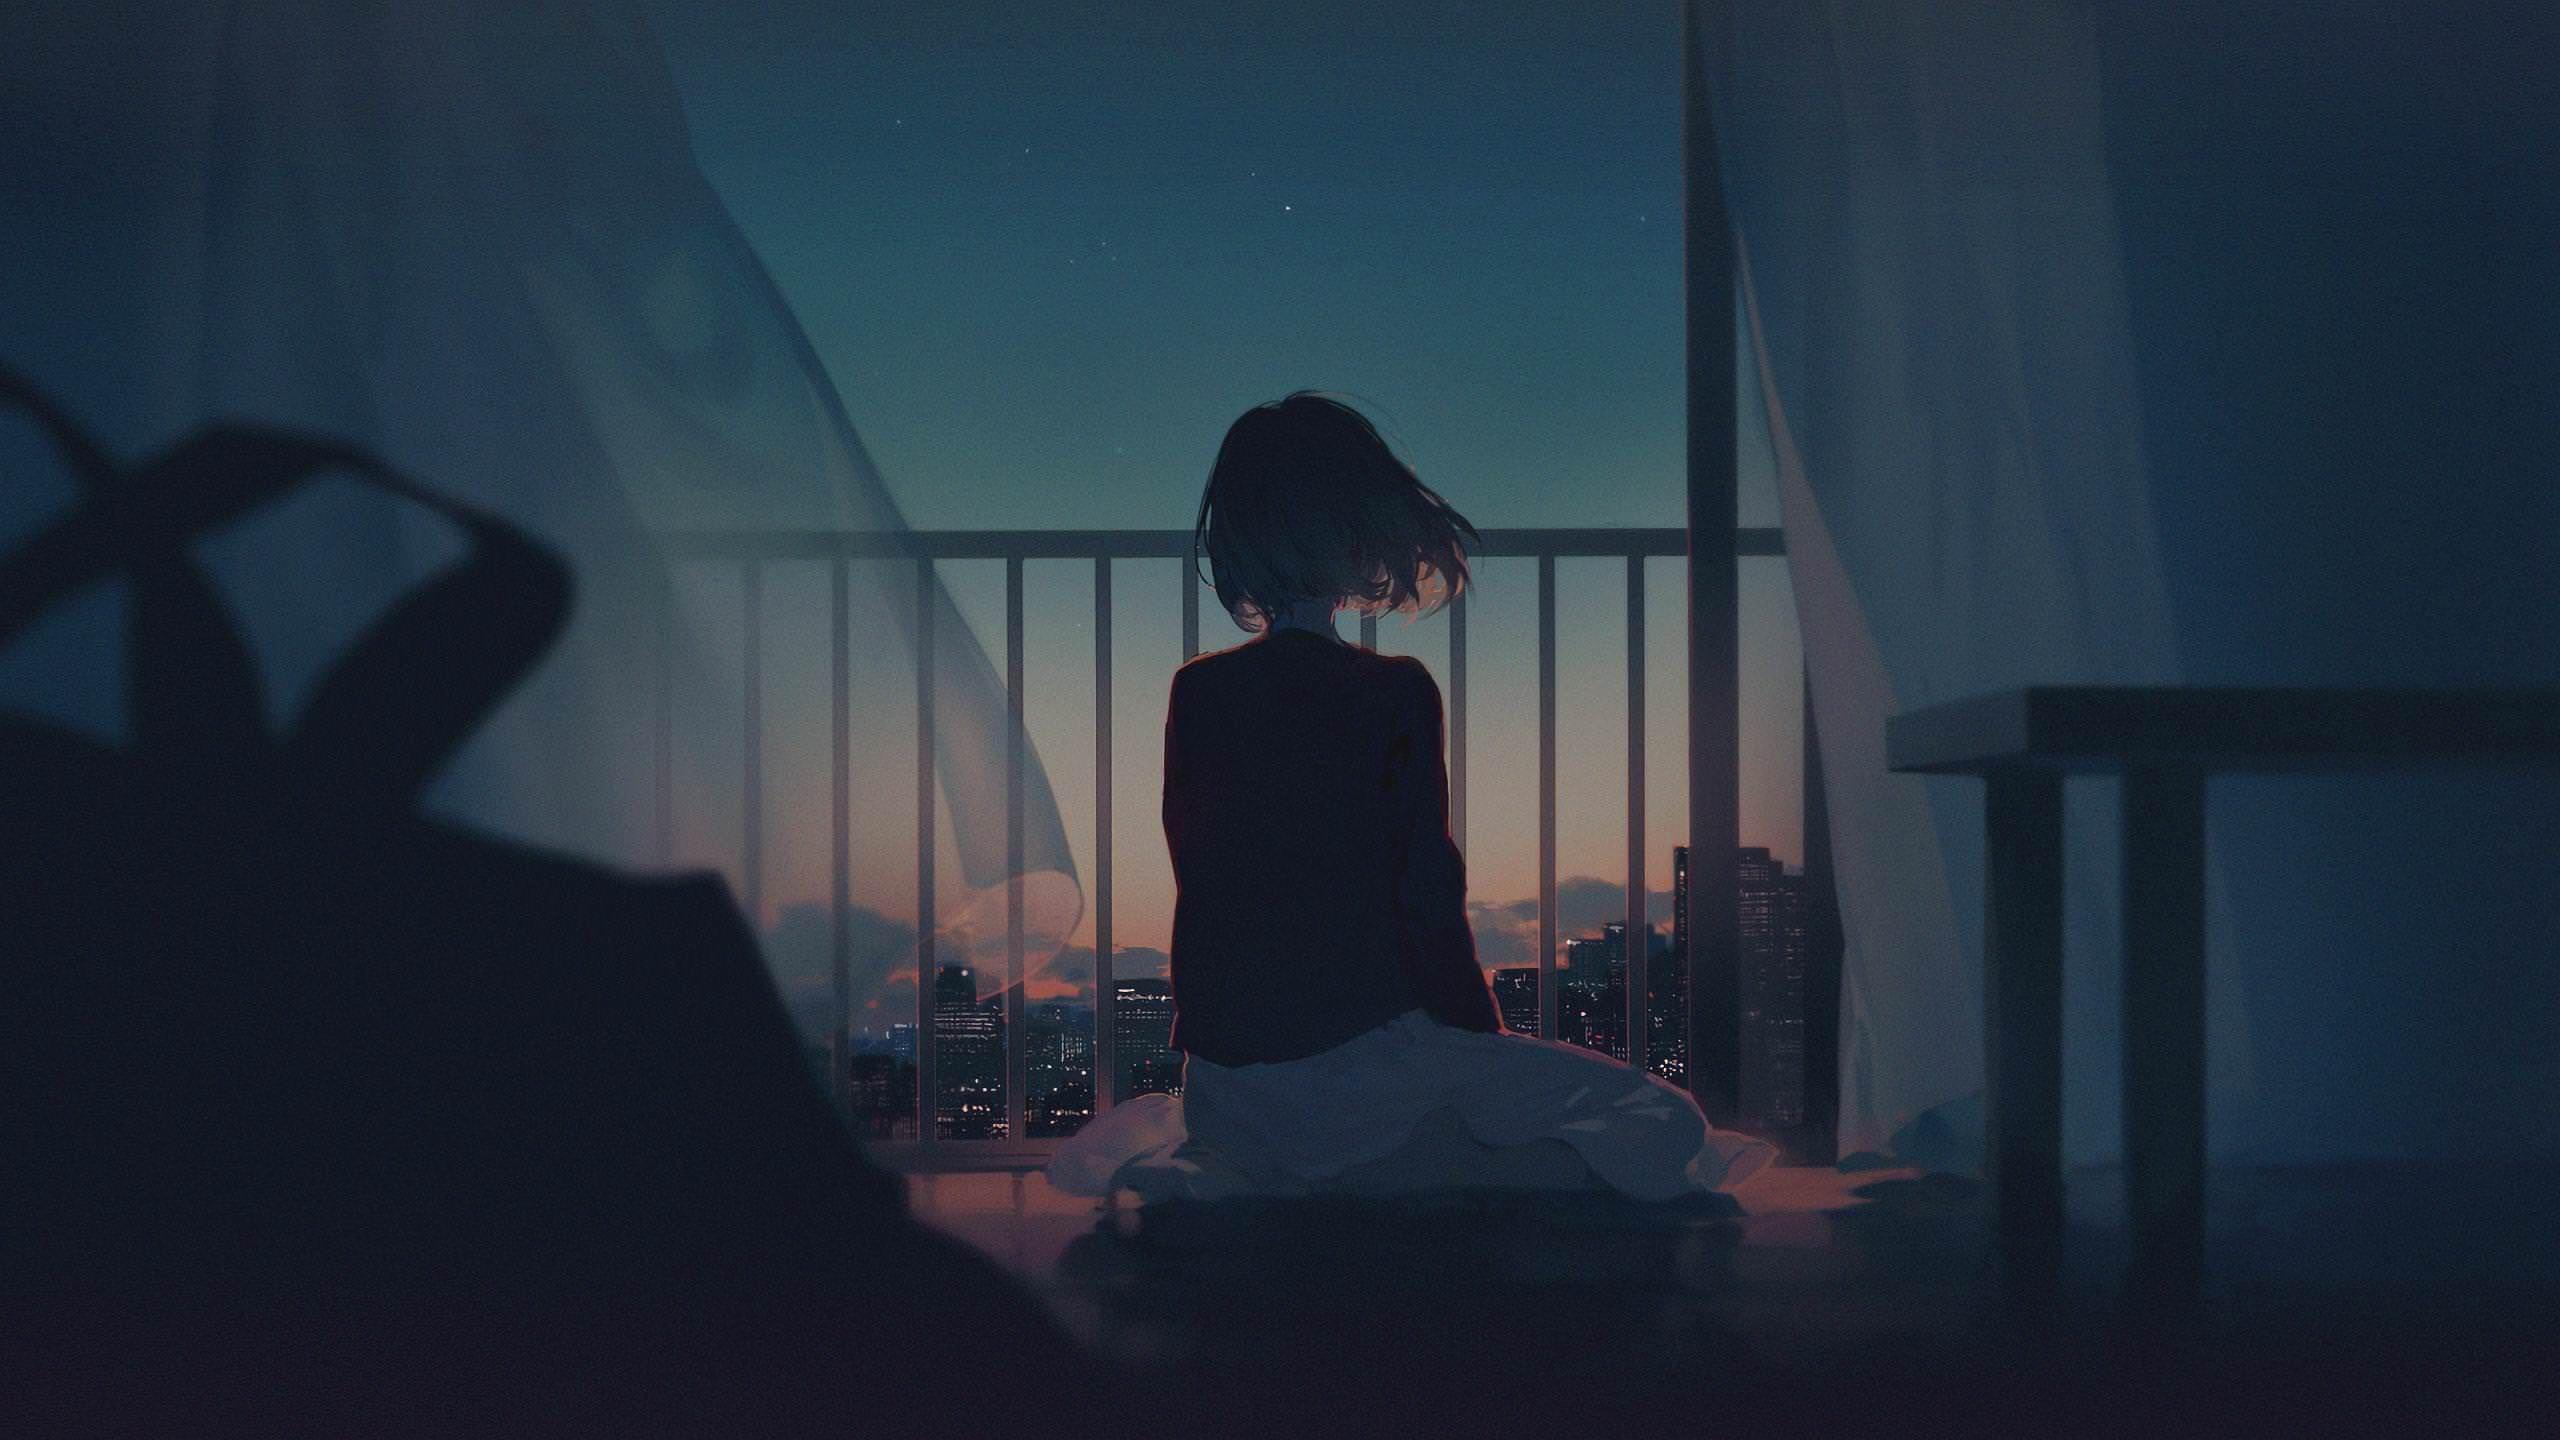 Anime Wallpaper Dark Anime Wallpaper 1920x1080 Alone Girl Anime Background